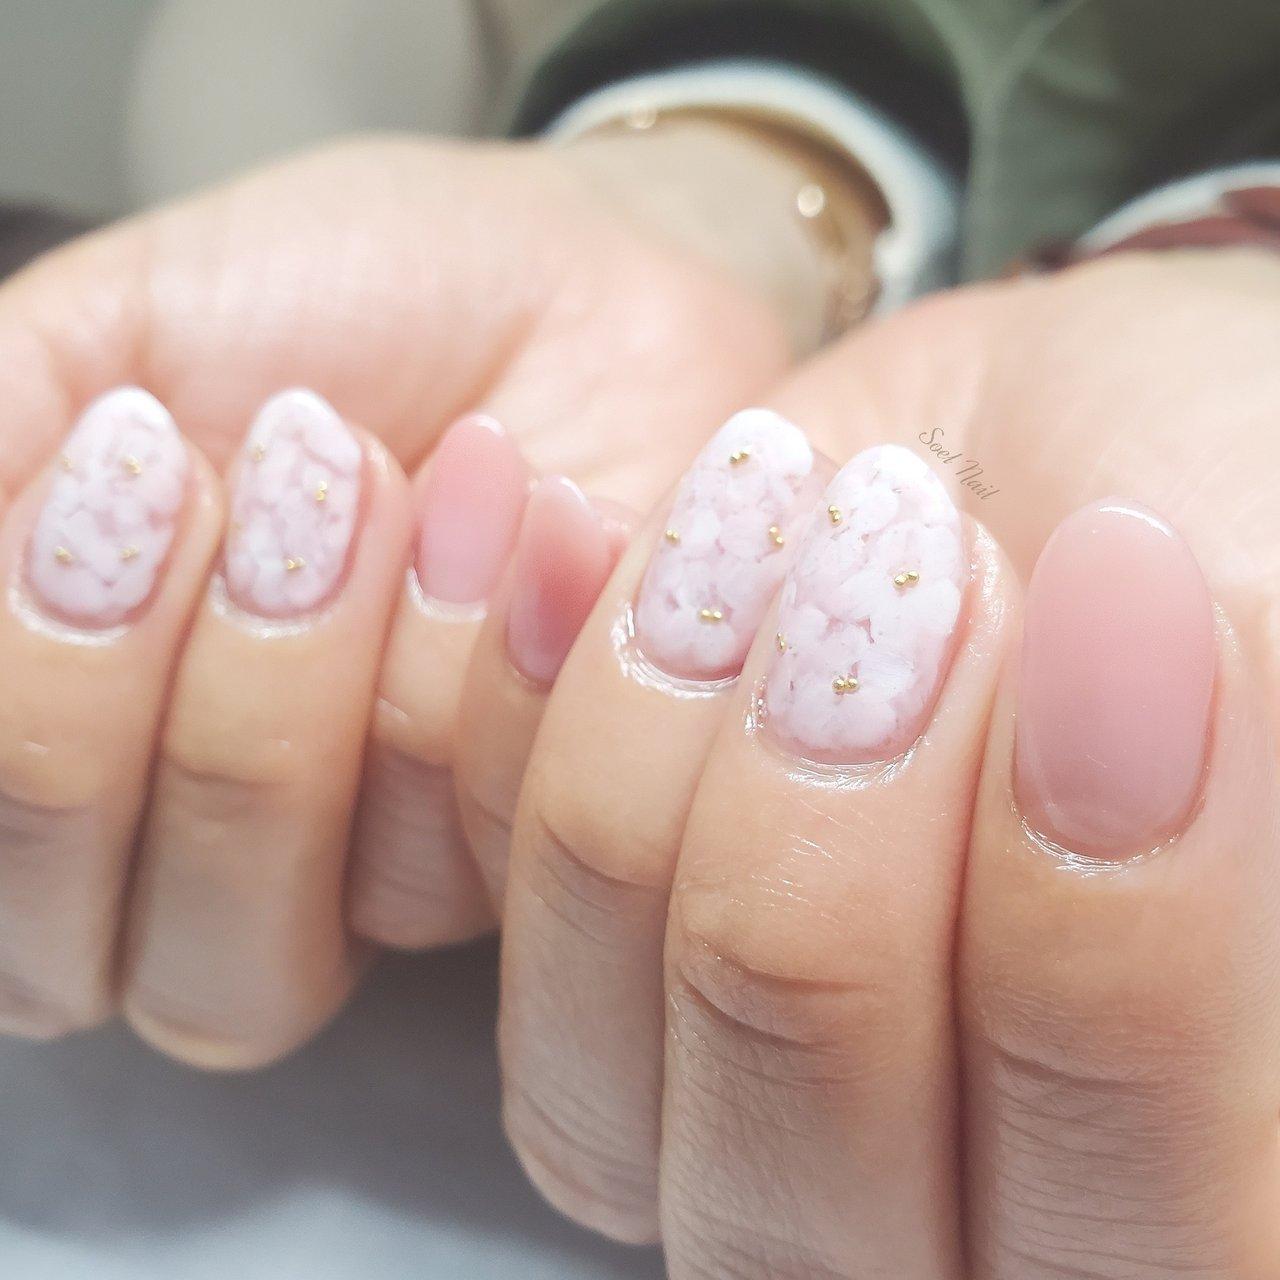 桜ネイル🌸 季節を楽しむ春を楽しむネイル♪ #春 #入学式 #オフィス #女子会 #ハンド #シンプル #グラデーション #フラワー #ミディアム #ホワイト #ピンク #ゴールド #ジェル #お客様 #Soel Nail #ネイルブック